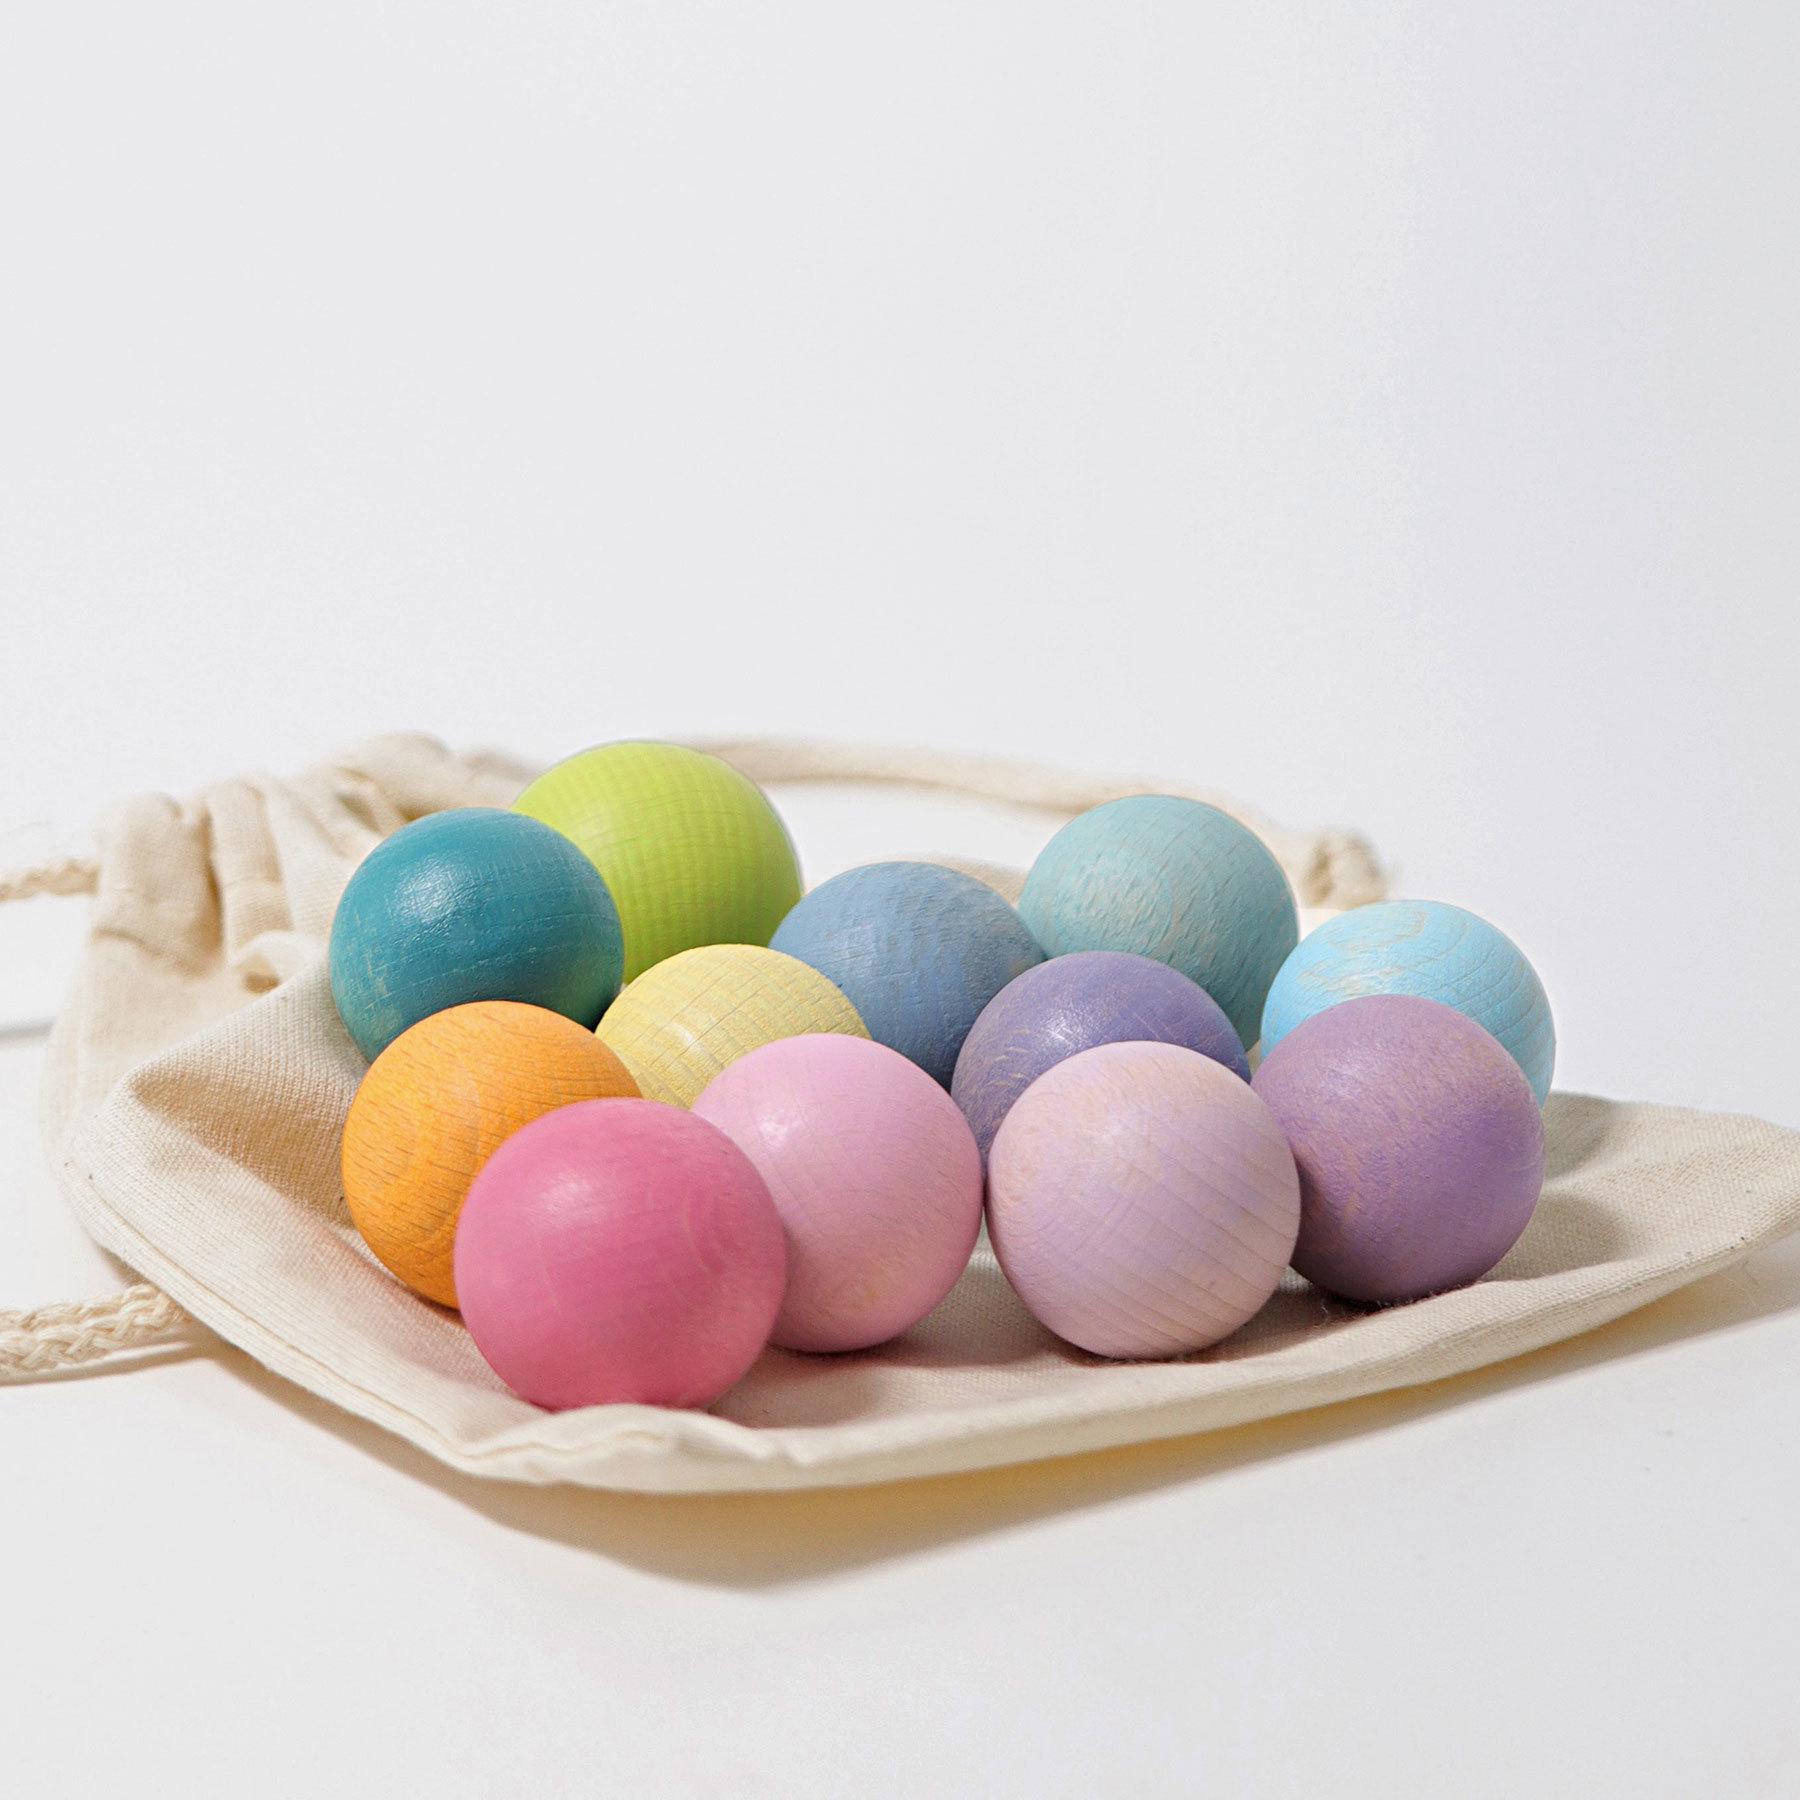 Набор 12 шаров пастельных цветов 35 мм (Grimms)